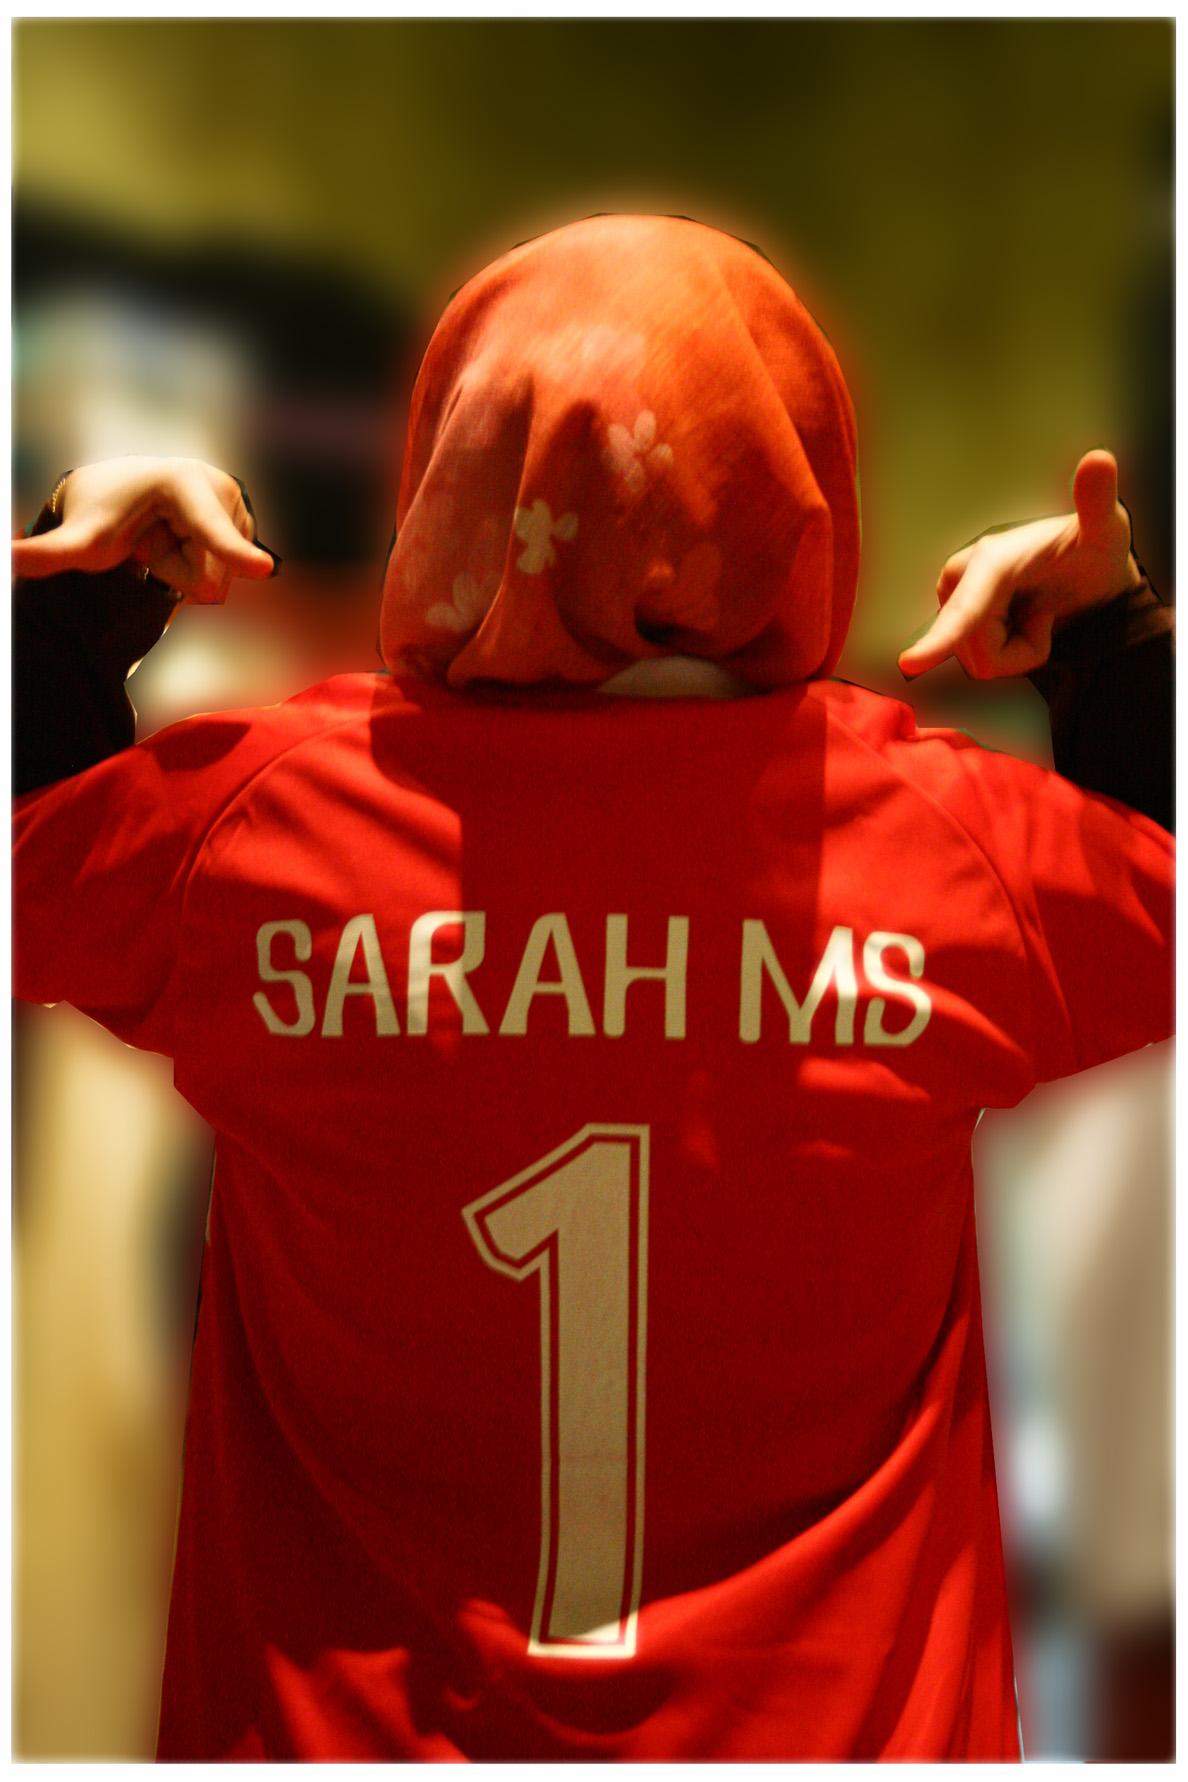 sarahms